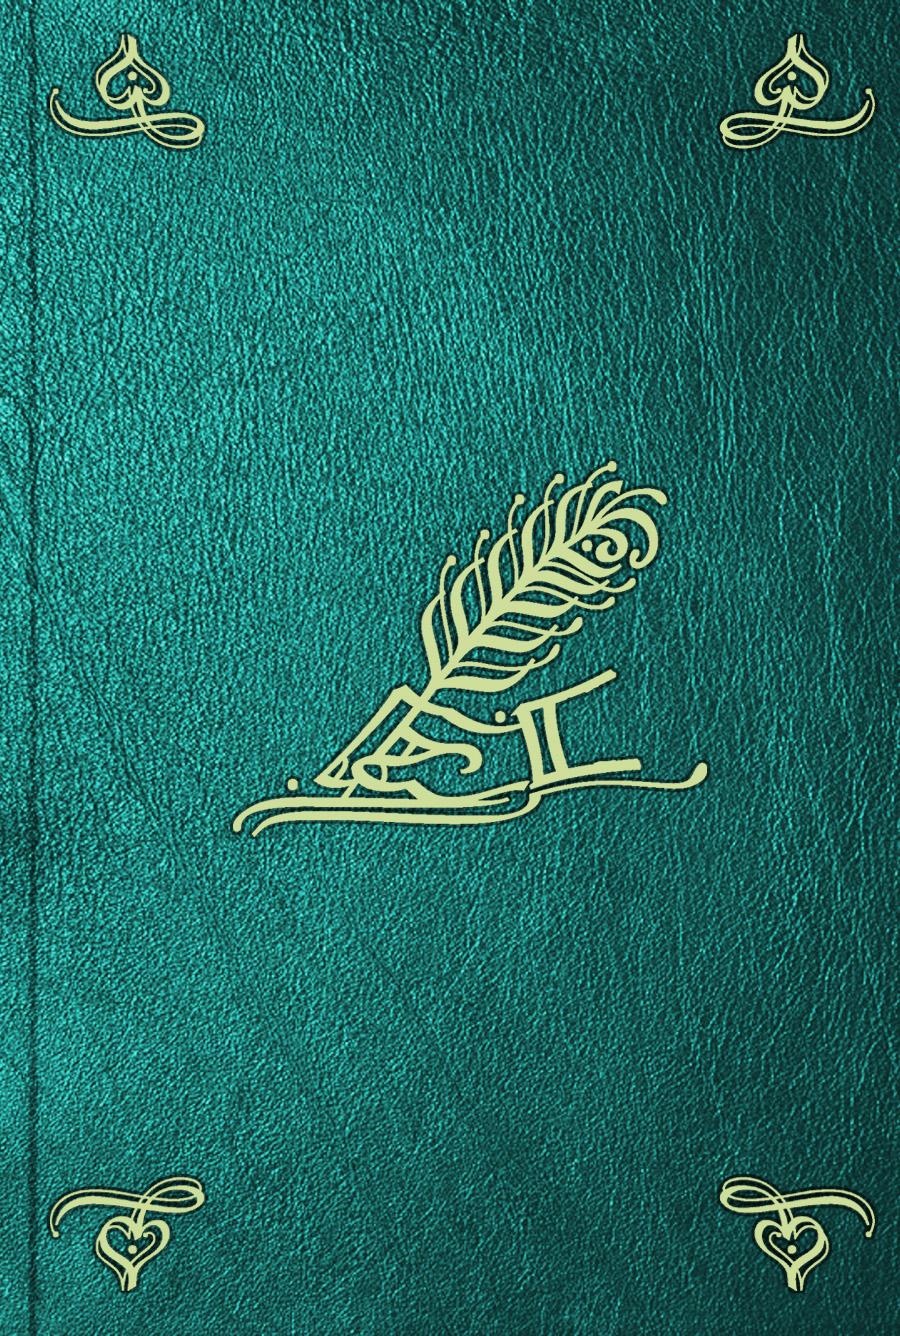 George Annesley Valentia Voyages dans l'Hindoustan, à Ceylon, sur les deux côtes de la Mer rouge, en Abyssinie et en Égypte, durant les années 1802, 1803, 1804, 1805 et 1806. T. 4 martin sauer voyage fait par ordre de l imperatrice de russie catherine ii dans le nord de la russie asiatique dans la mer glaciale dans la mer d anadyr et sur les cotes de l amerique t 1